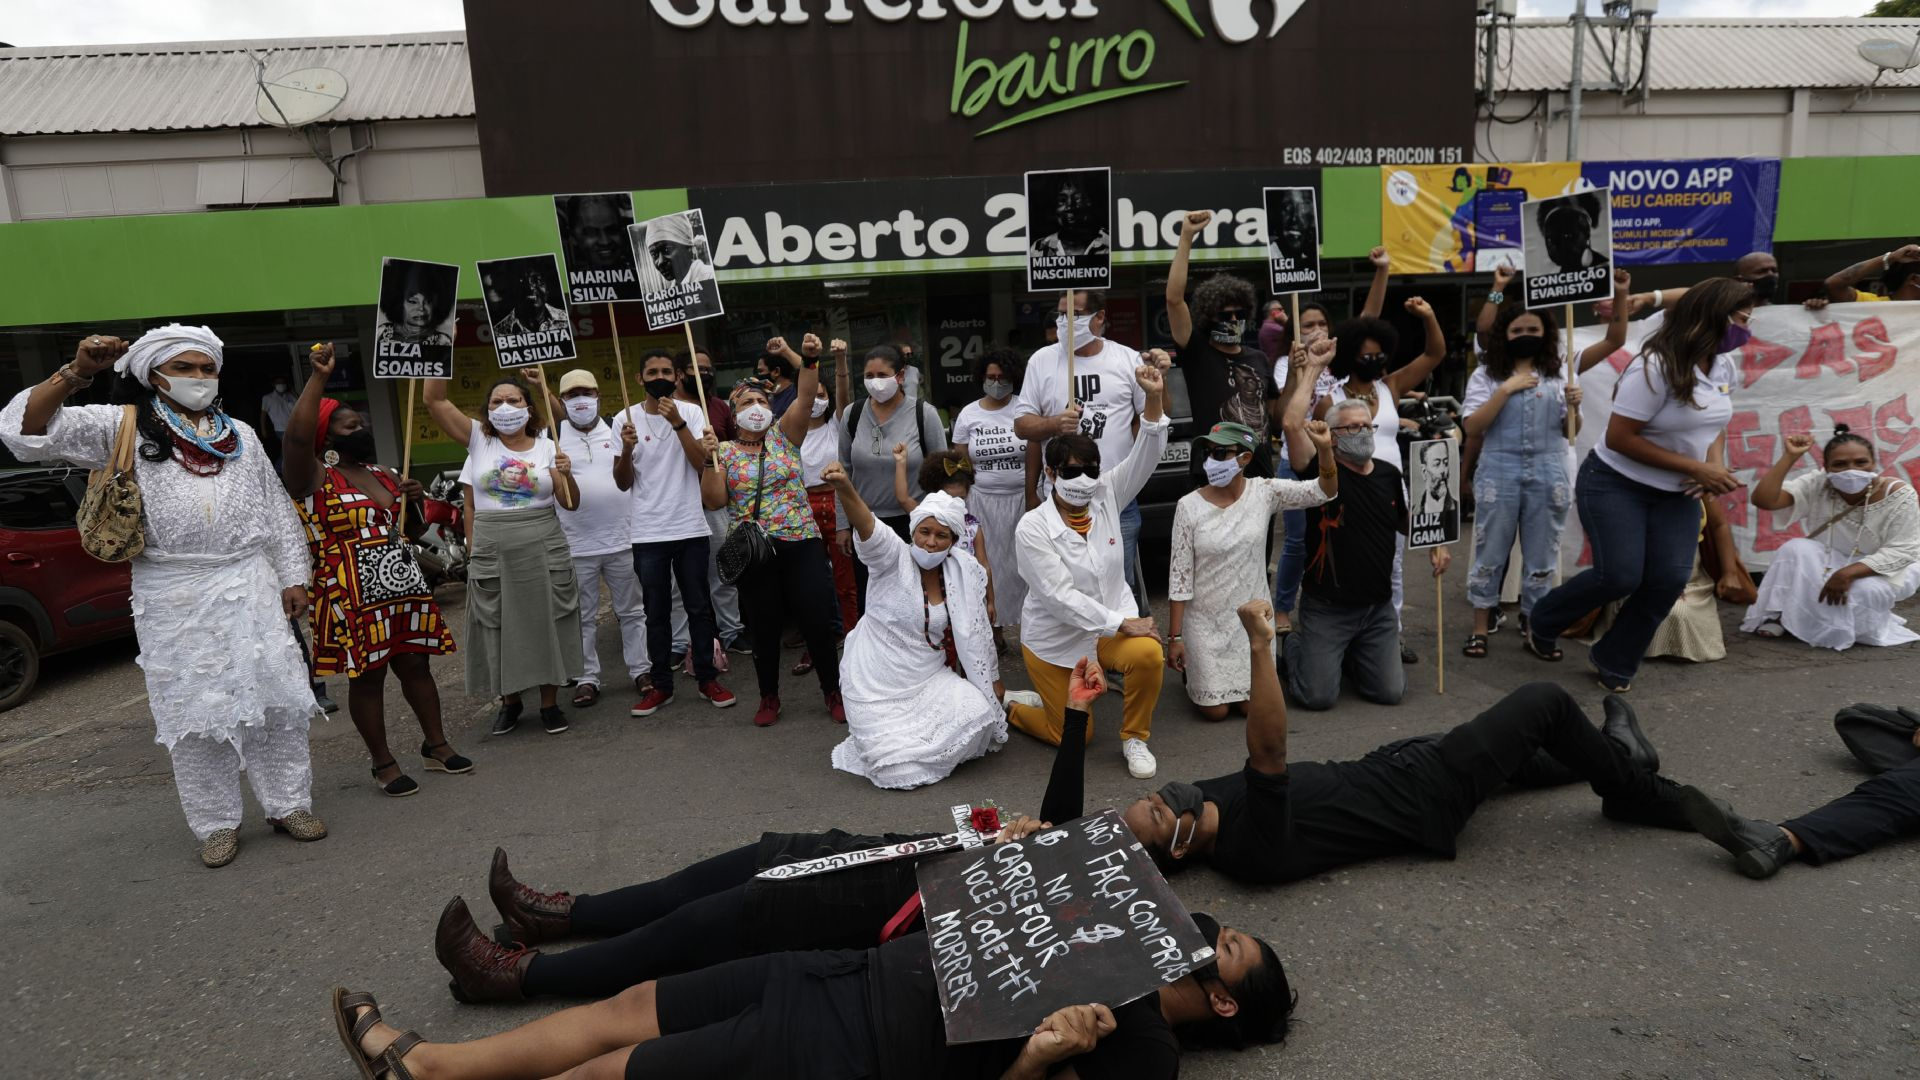 """Бунт в Бразилия, след като гардове в """"Карфур"""" пребиха до смърт чернокож (снимки)"""